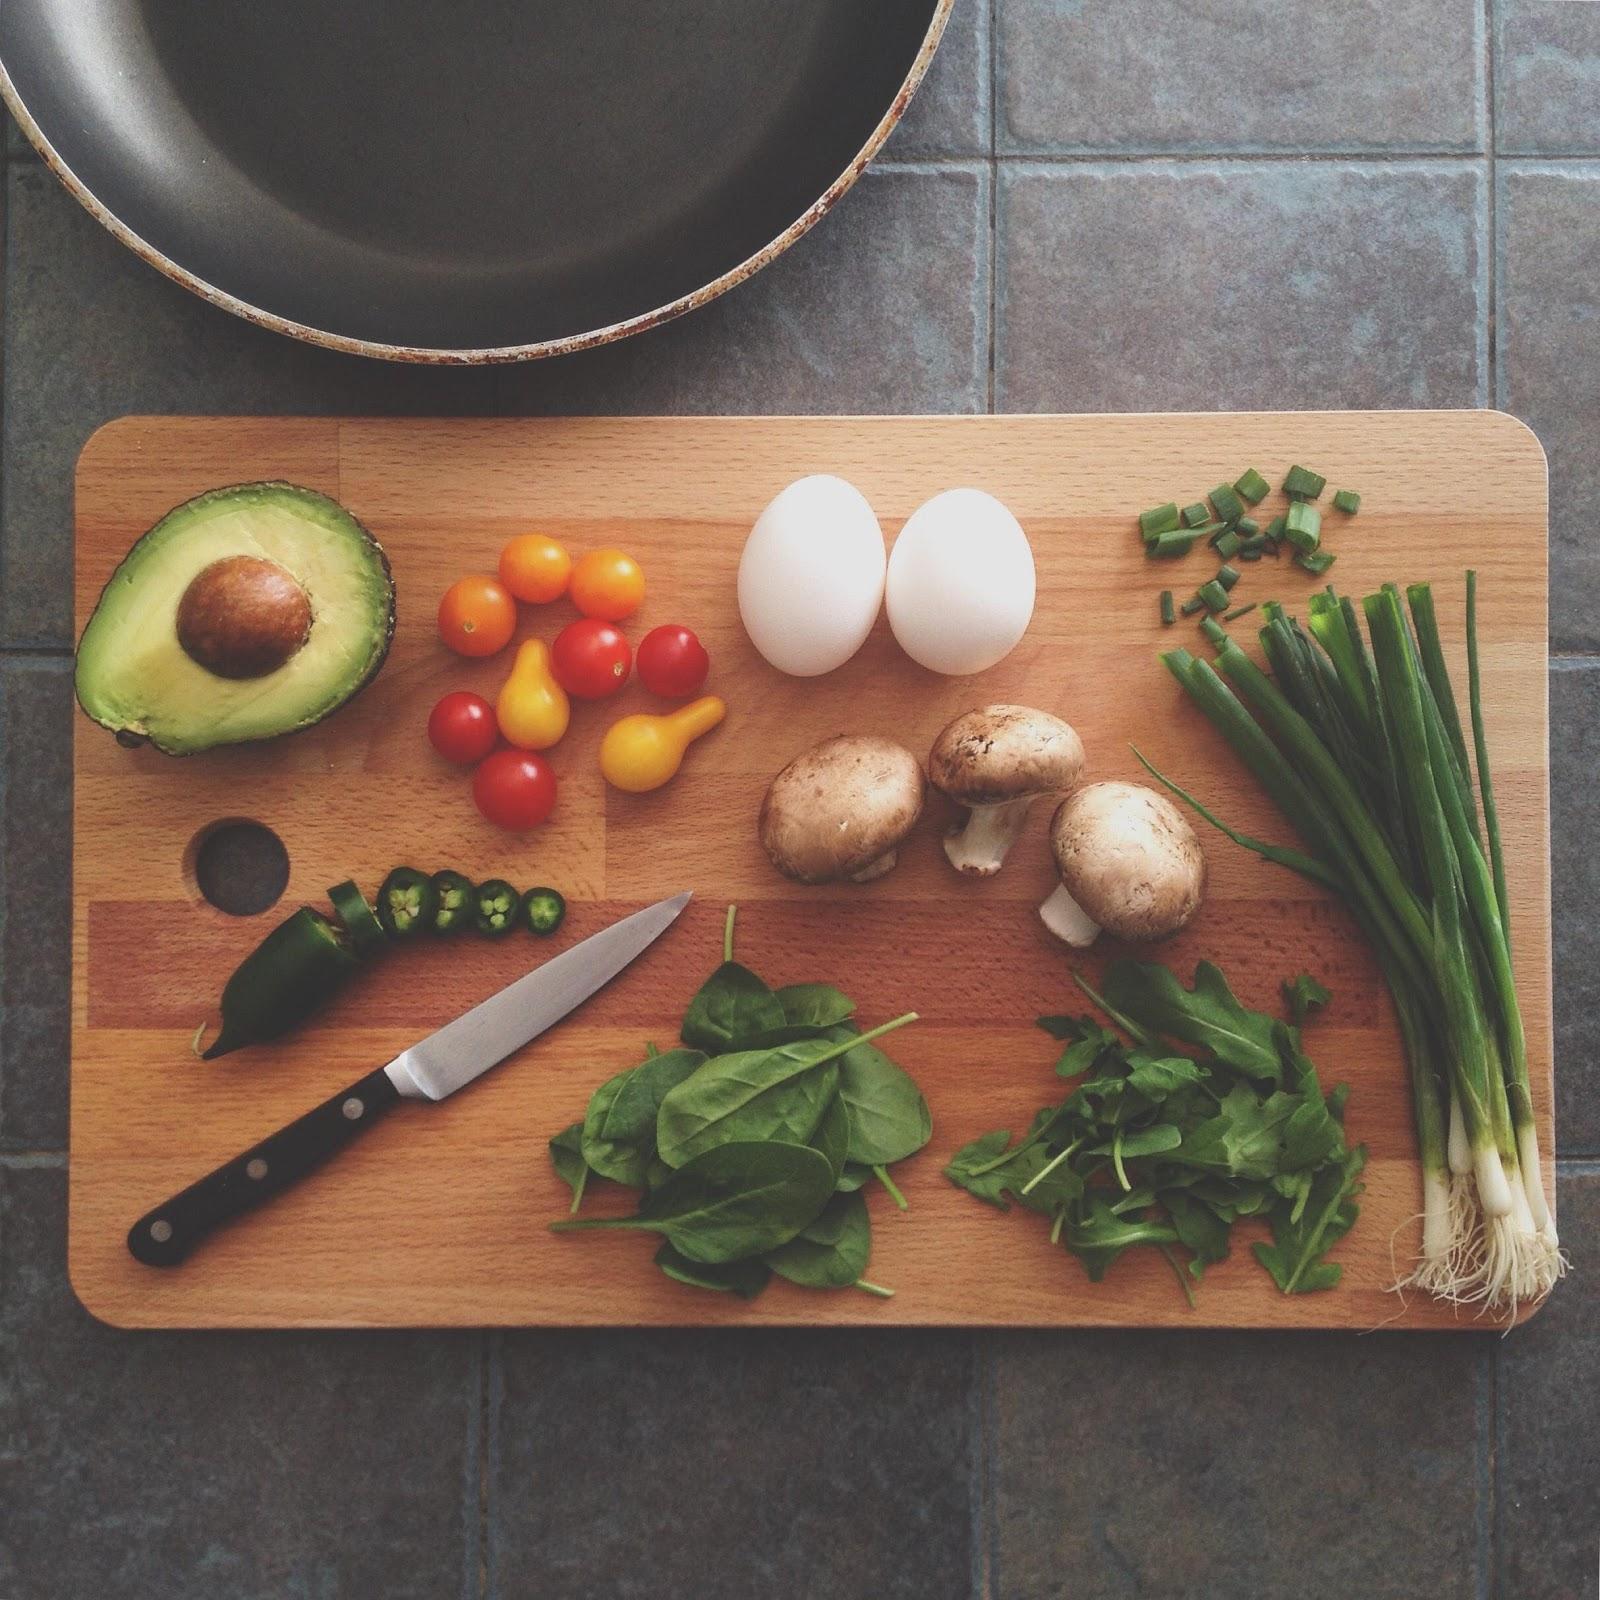 food on a cutting board